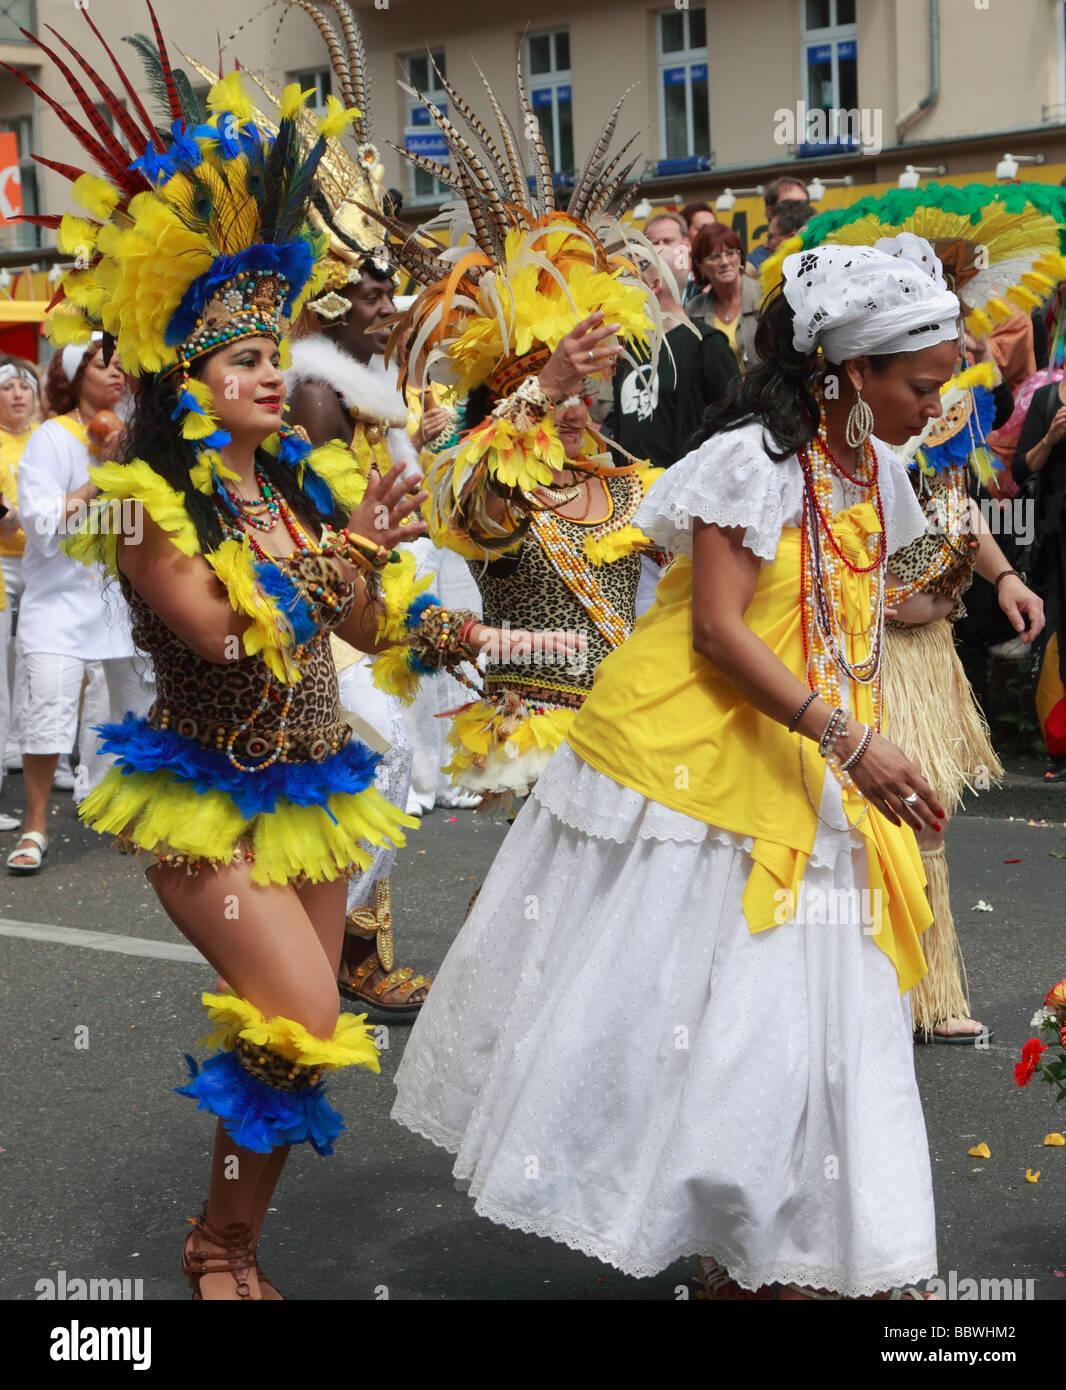 Allemagne Berlin Carnaval des Cultures femmes brésiliennes Photo Stock